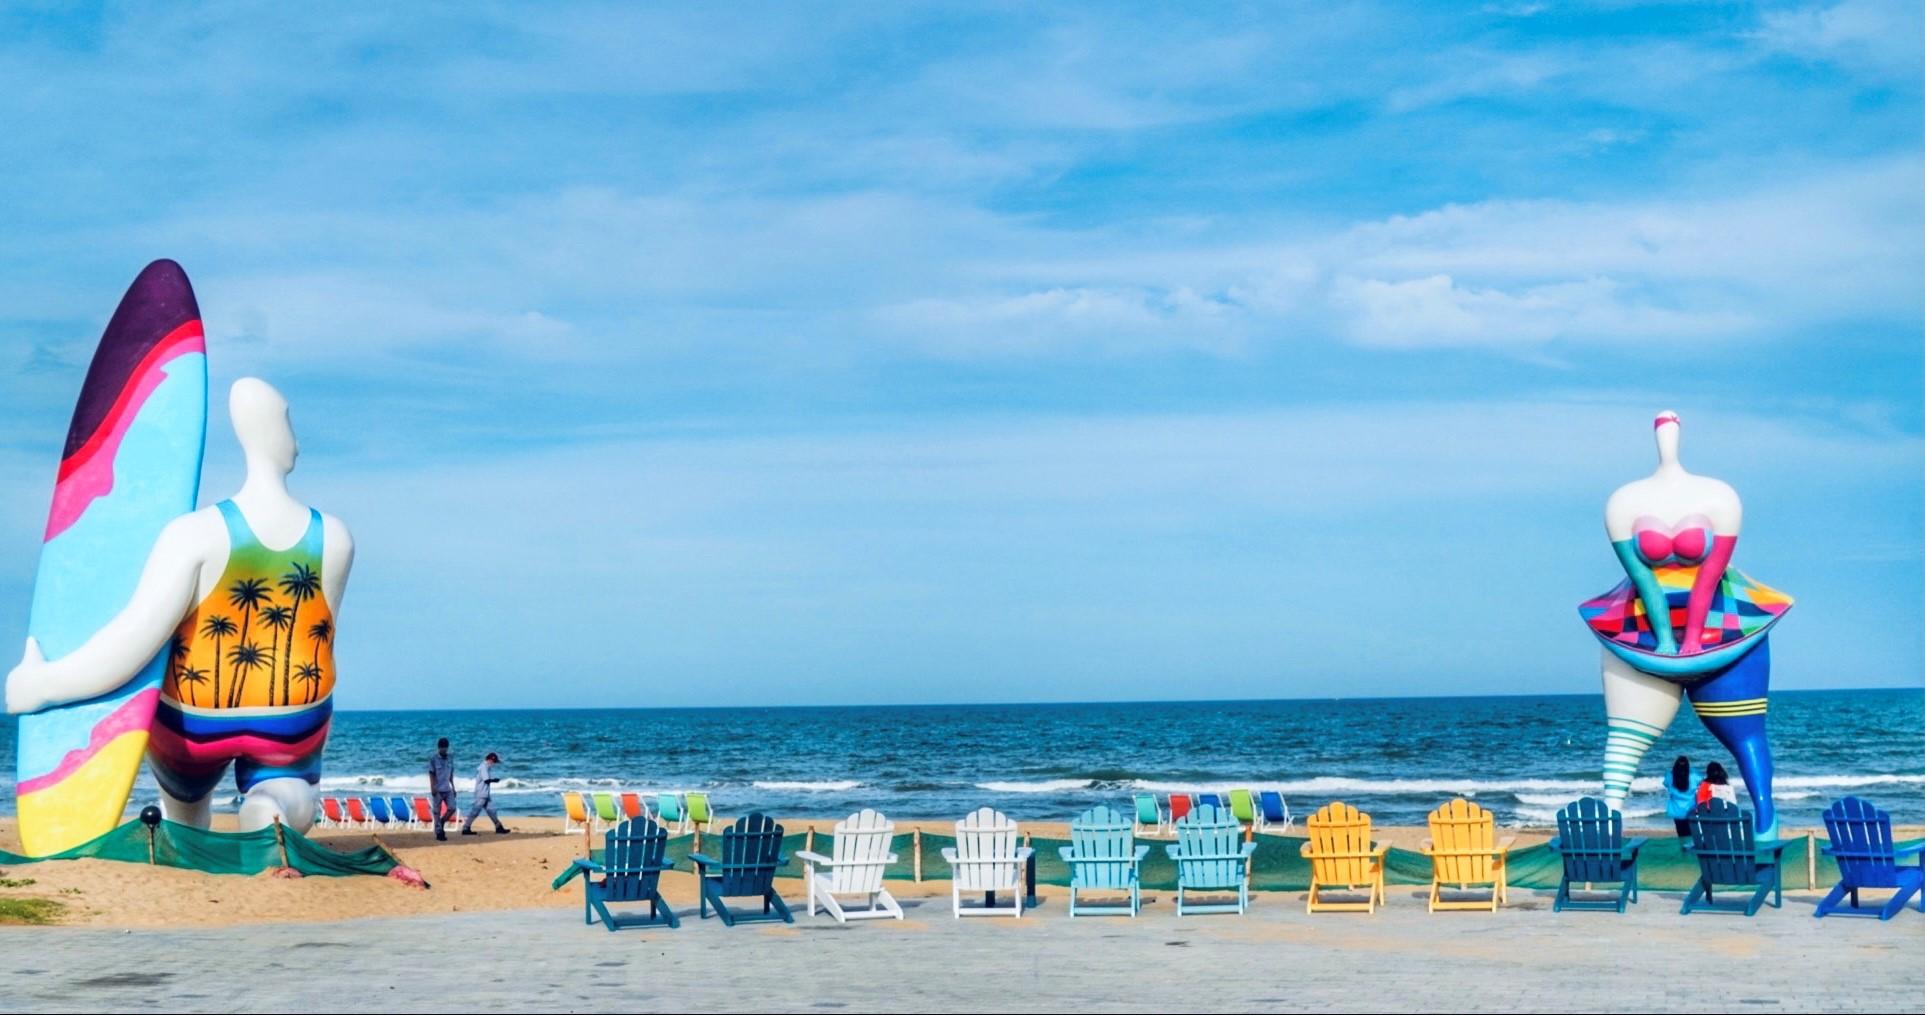 Những biểu tượng độc đáo tại khu công viên biển Bikini Beach 16 ha trở thành địa điểm check in yêu thích của du khách. Ảnh: Novaland.